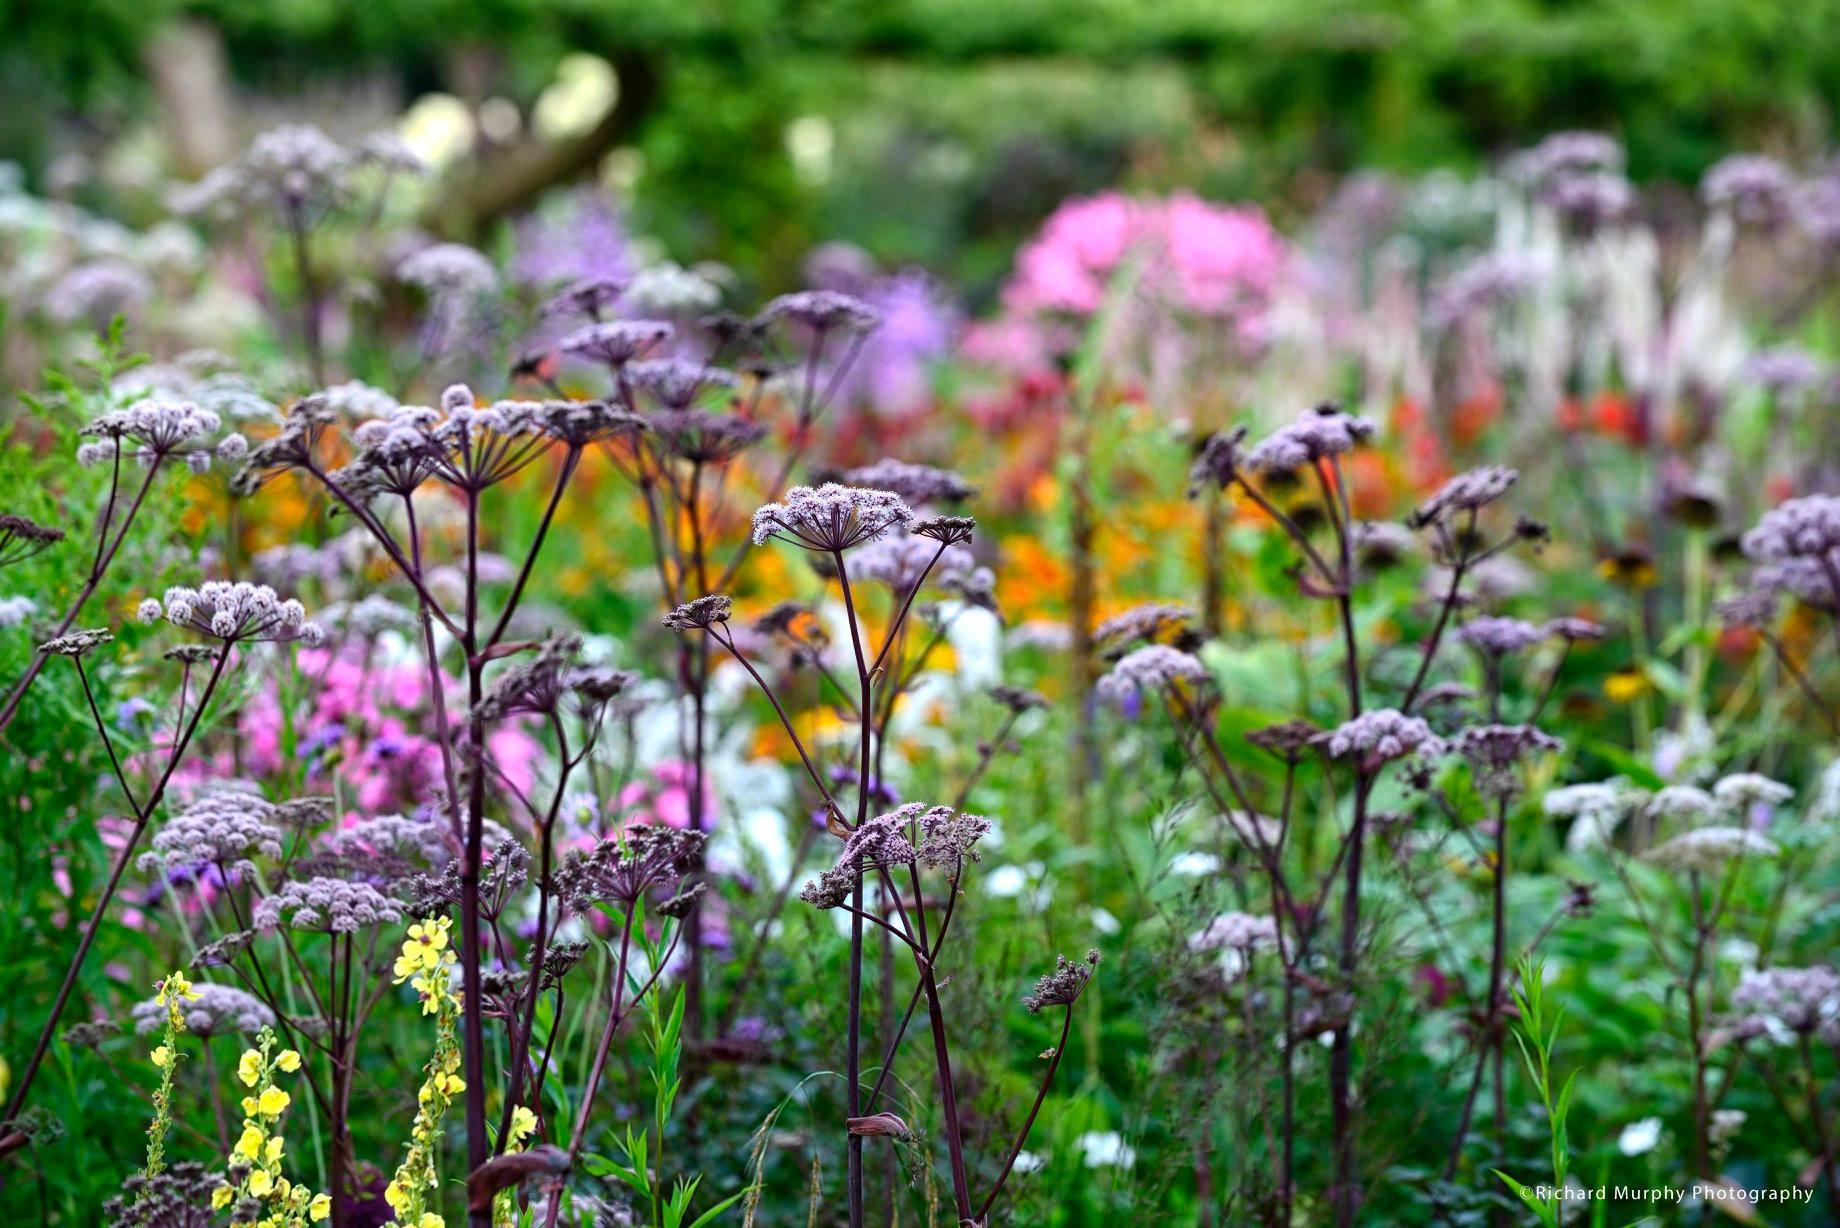 June Blake's tuin in Ierland van aparte schoonheid